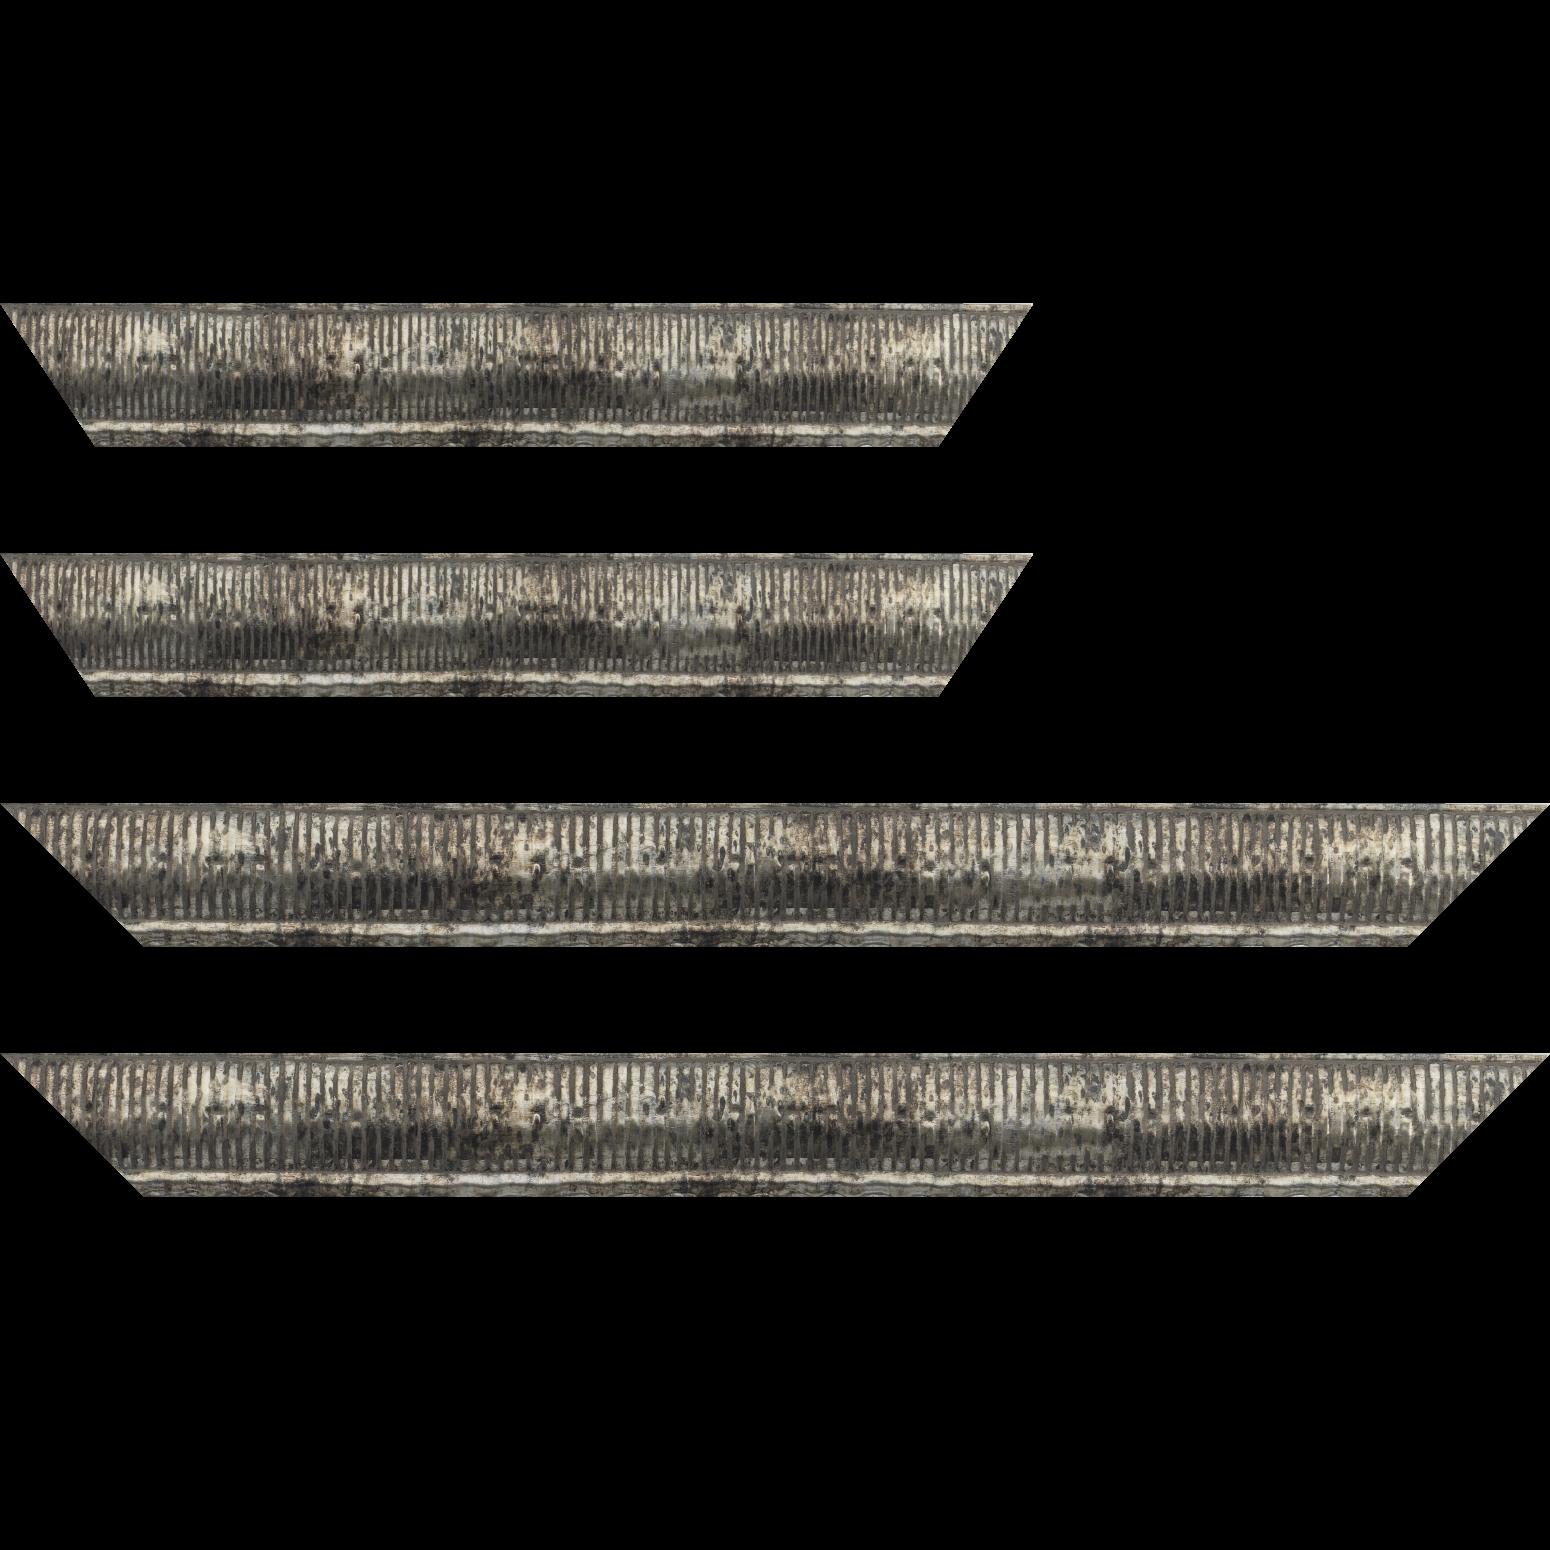 Baguette bois profil arrondi largeur 4.8cm couleur argent noirci  décor bambou